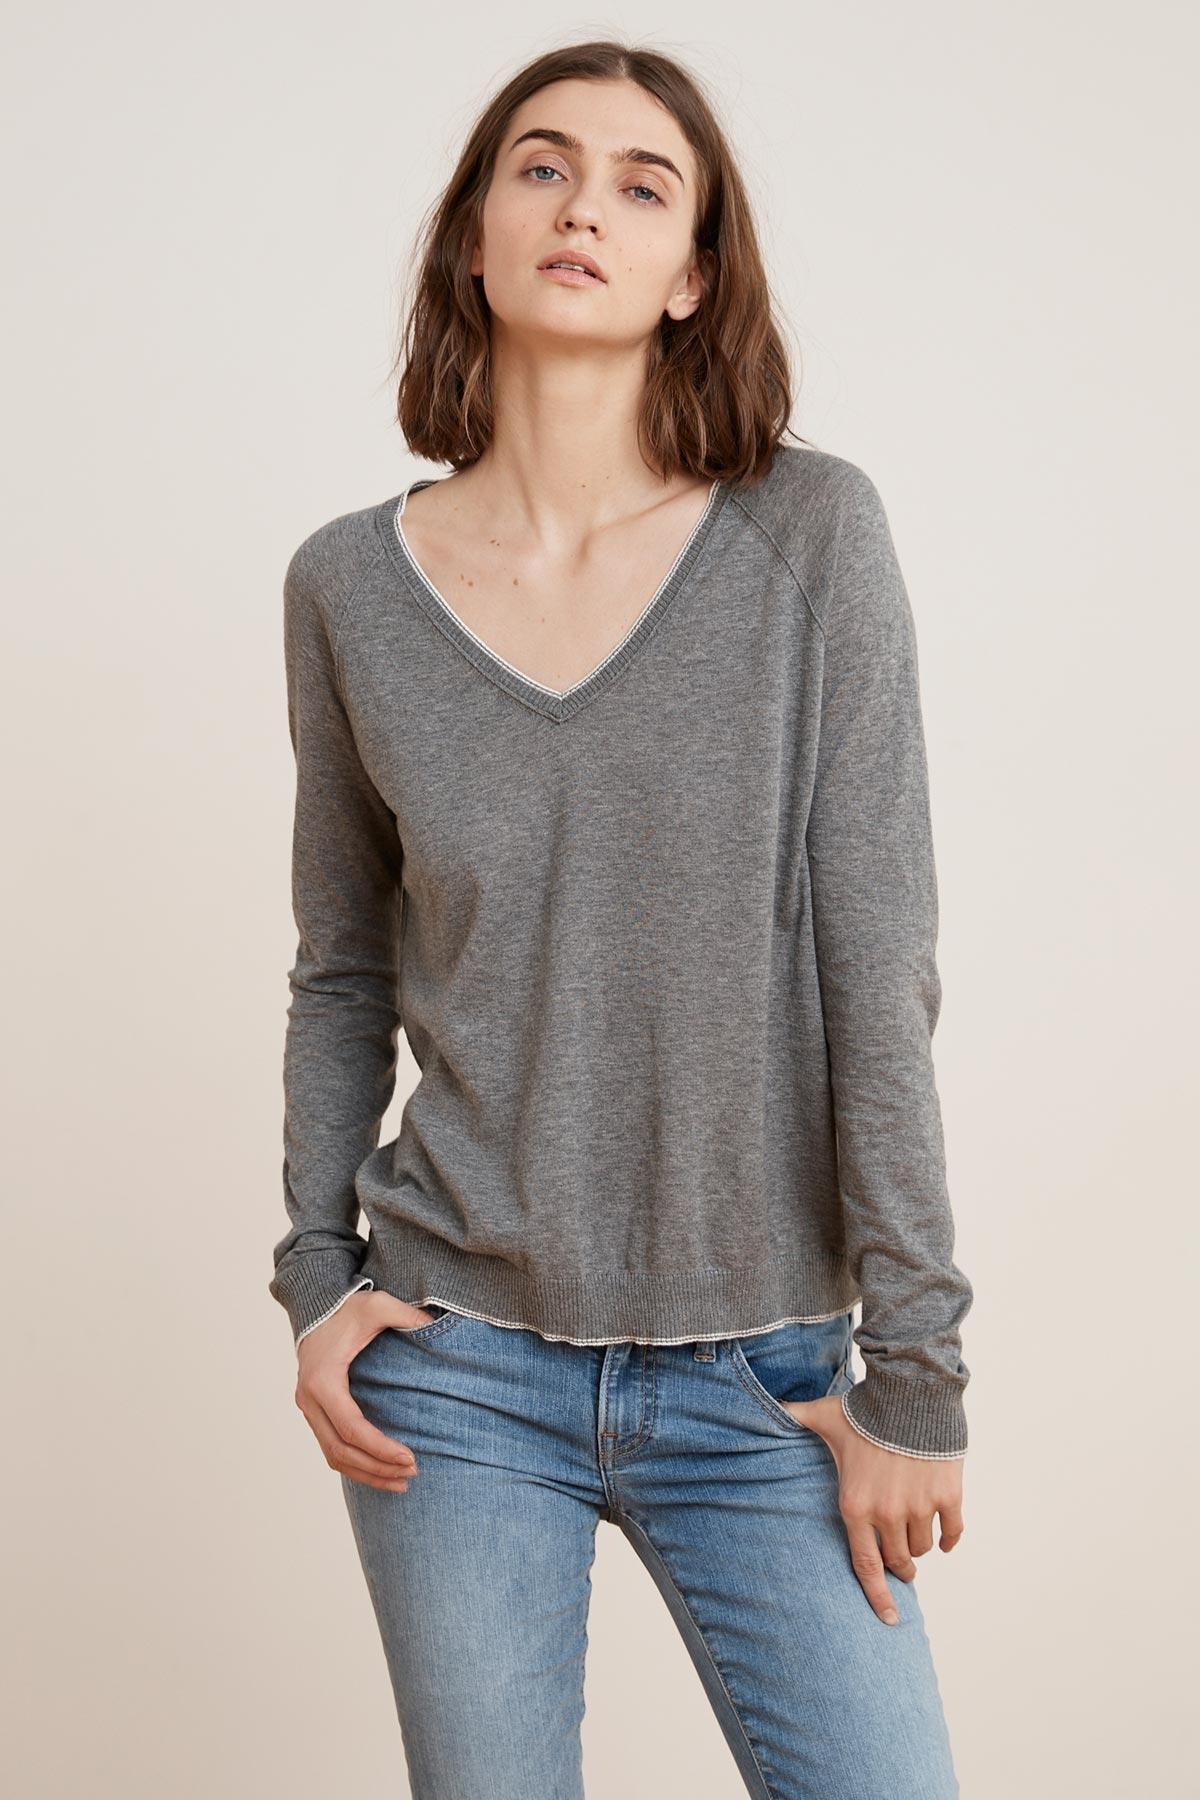 276e3f57990dbe Velvet By Graham & Spencer Moriah Lux Cotton V-neck Sweater in Gray ...